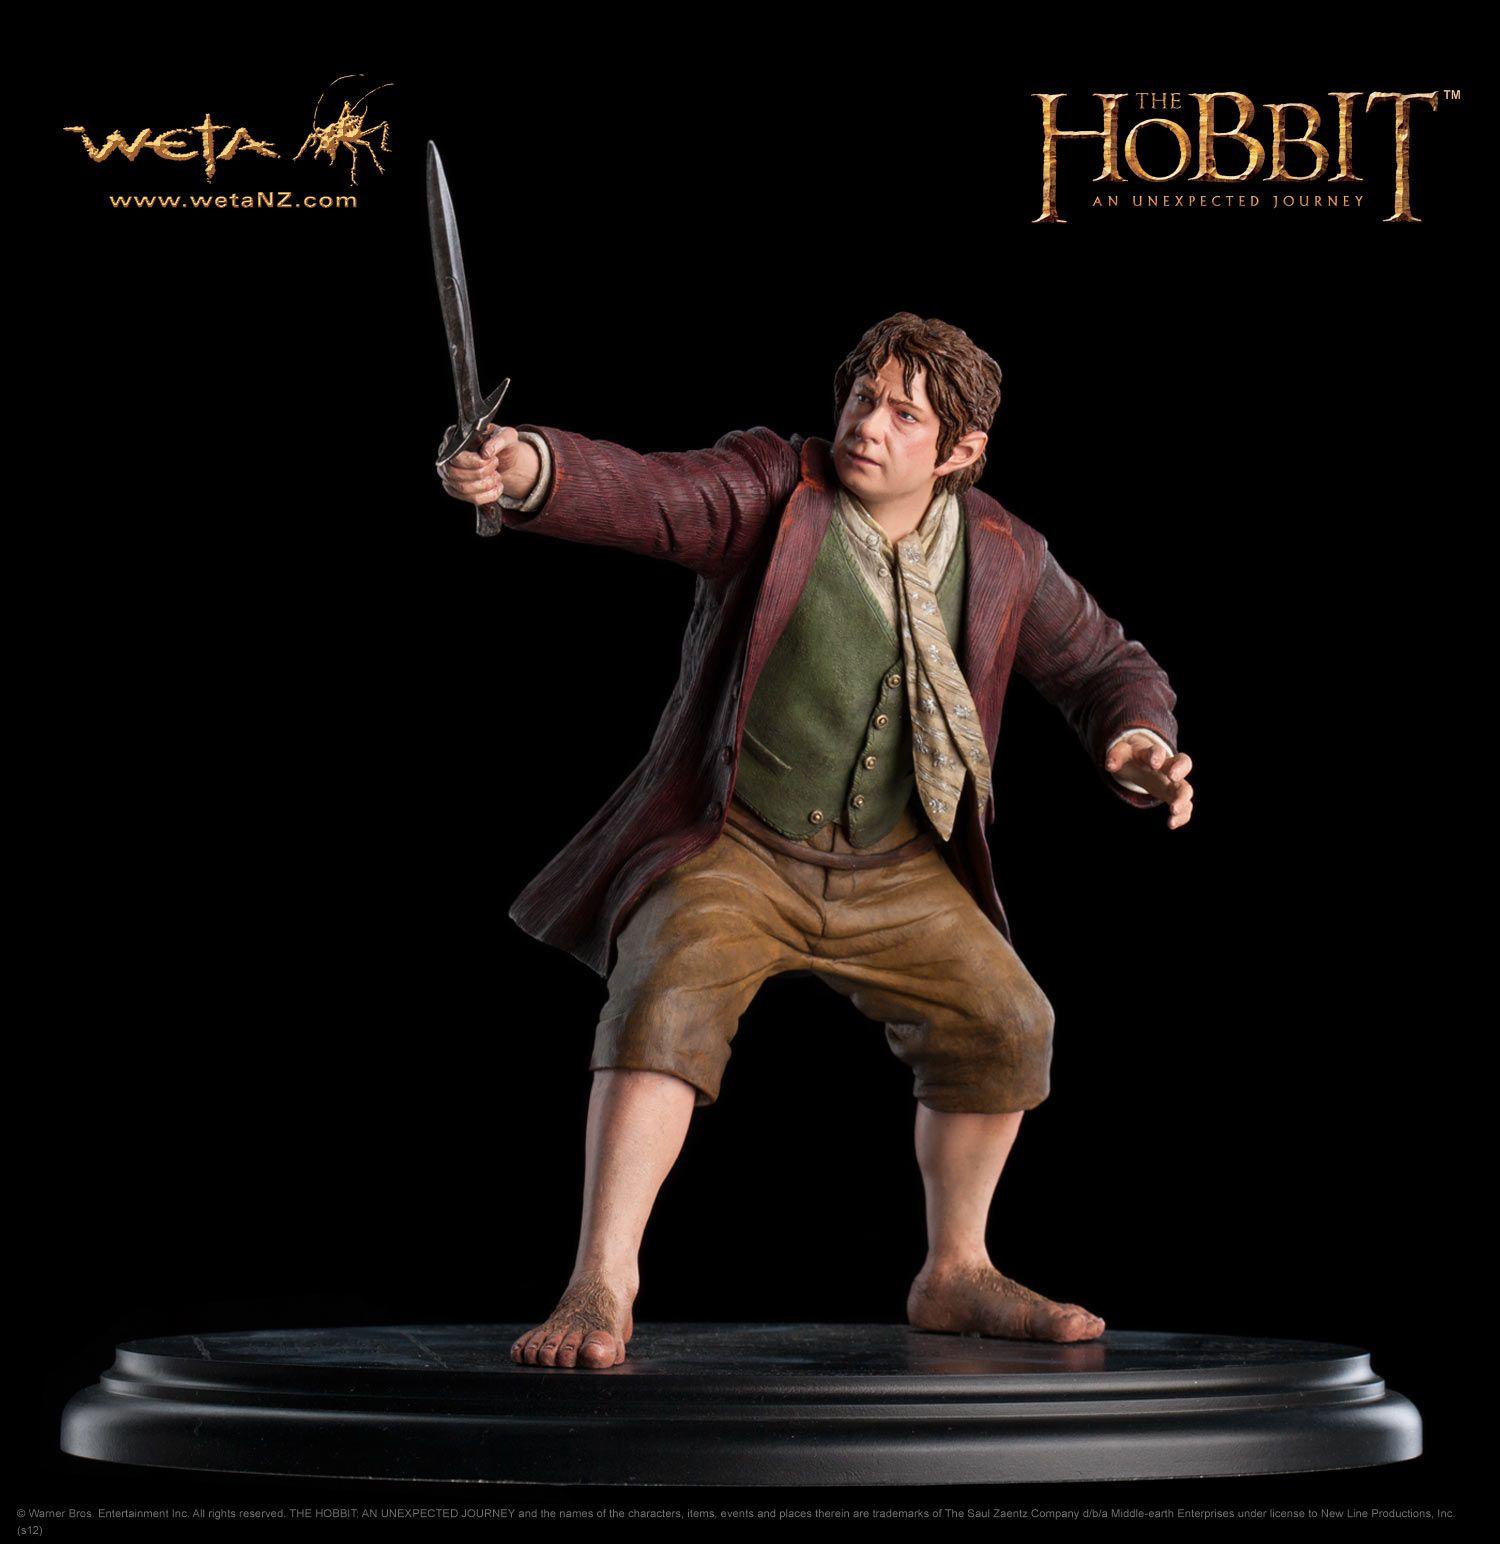 Bilbo baggins | Hobbit an unexpected journey, The hobbit